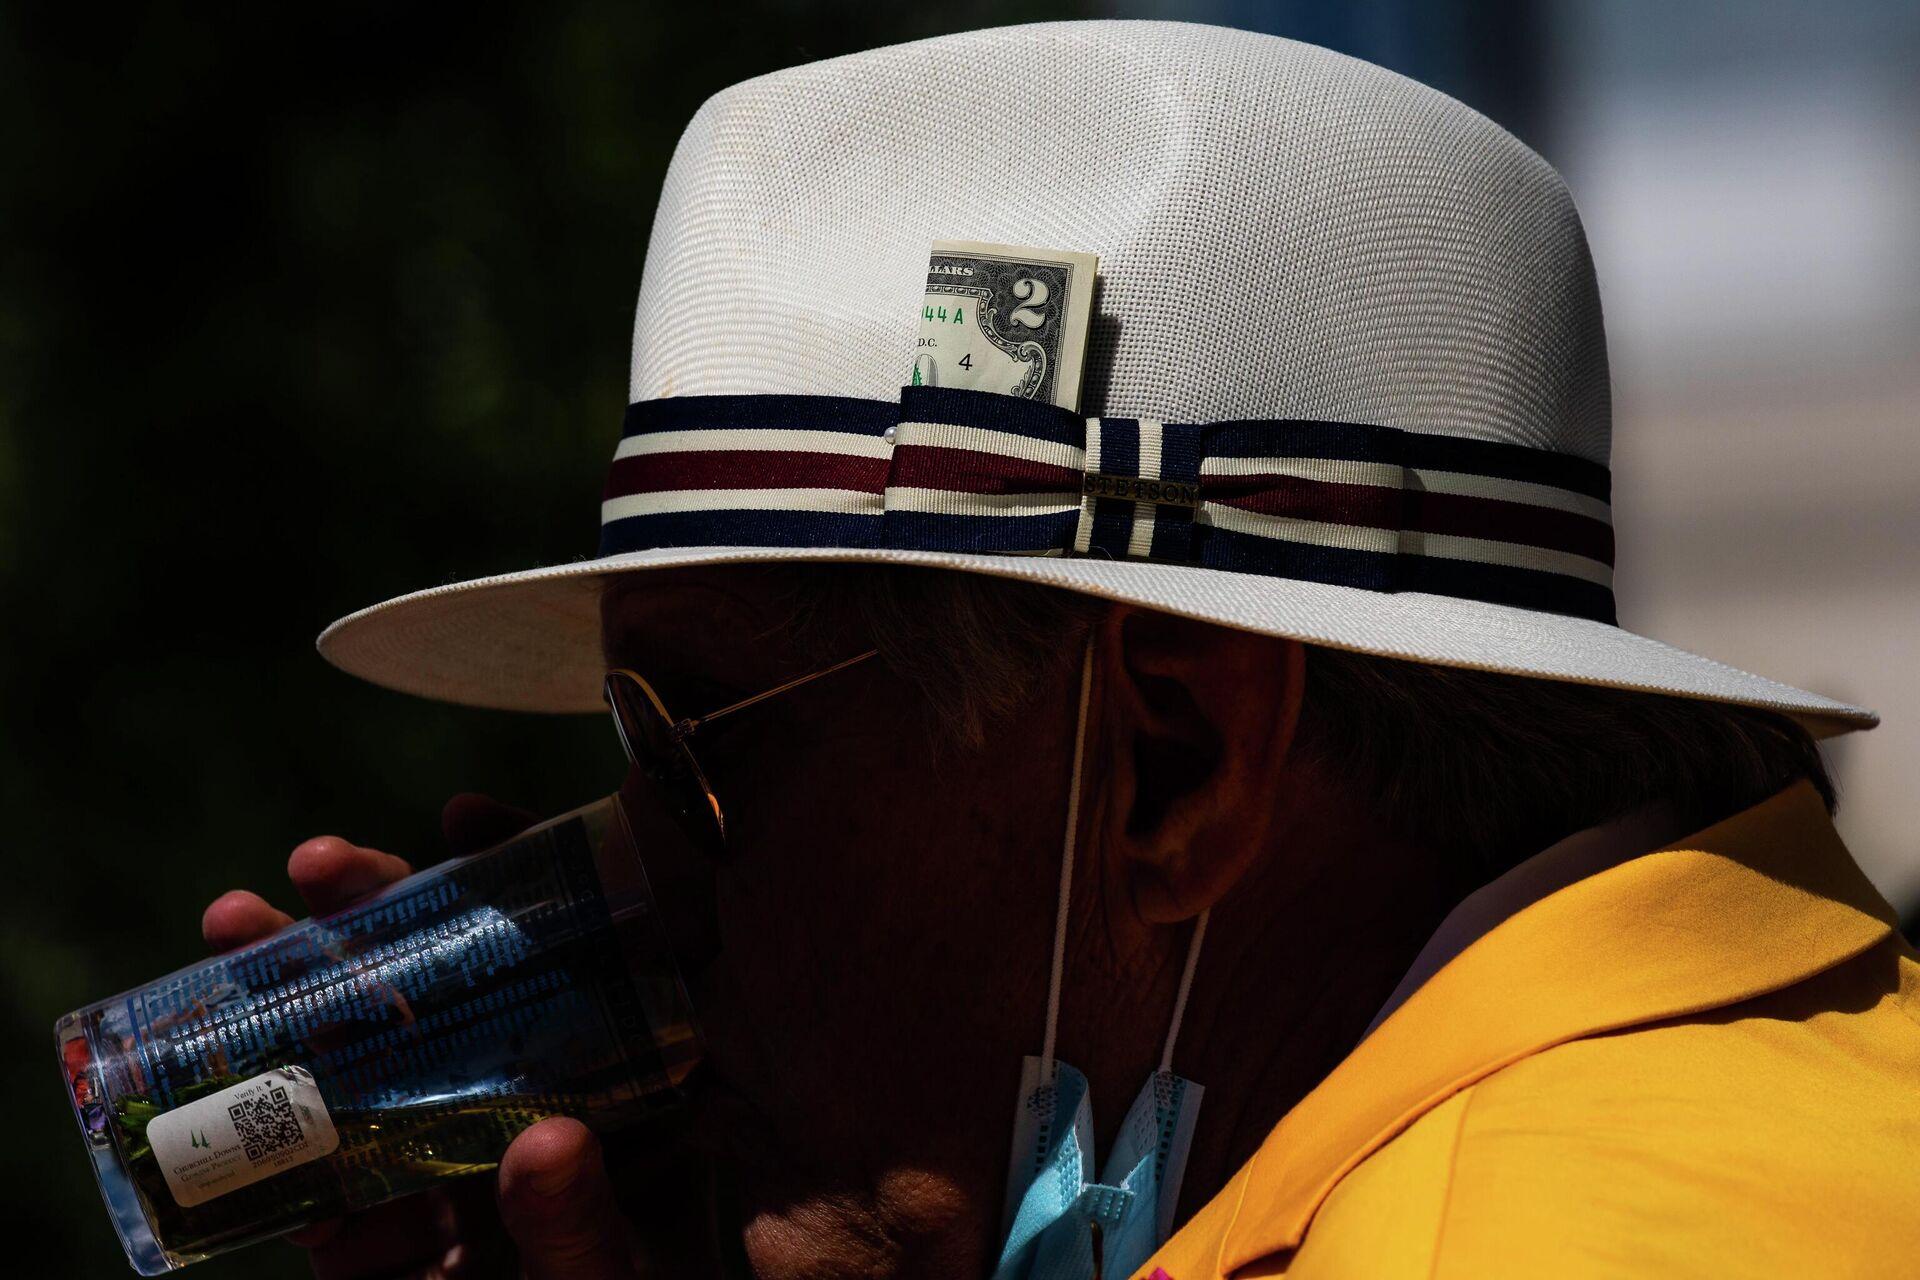 Двухдолларовая купюра на шляпе зрителя скачек в США - РИА Новости, 1920, 27.05.2021